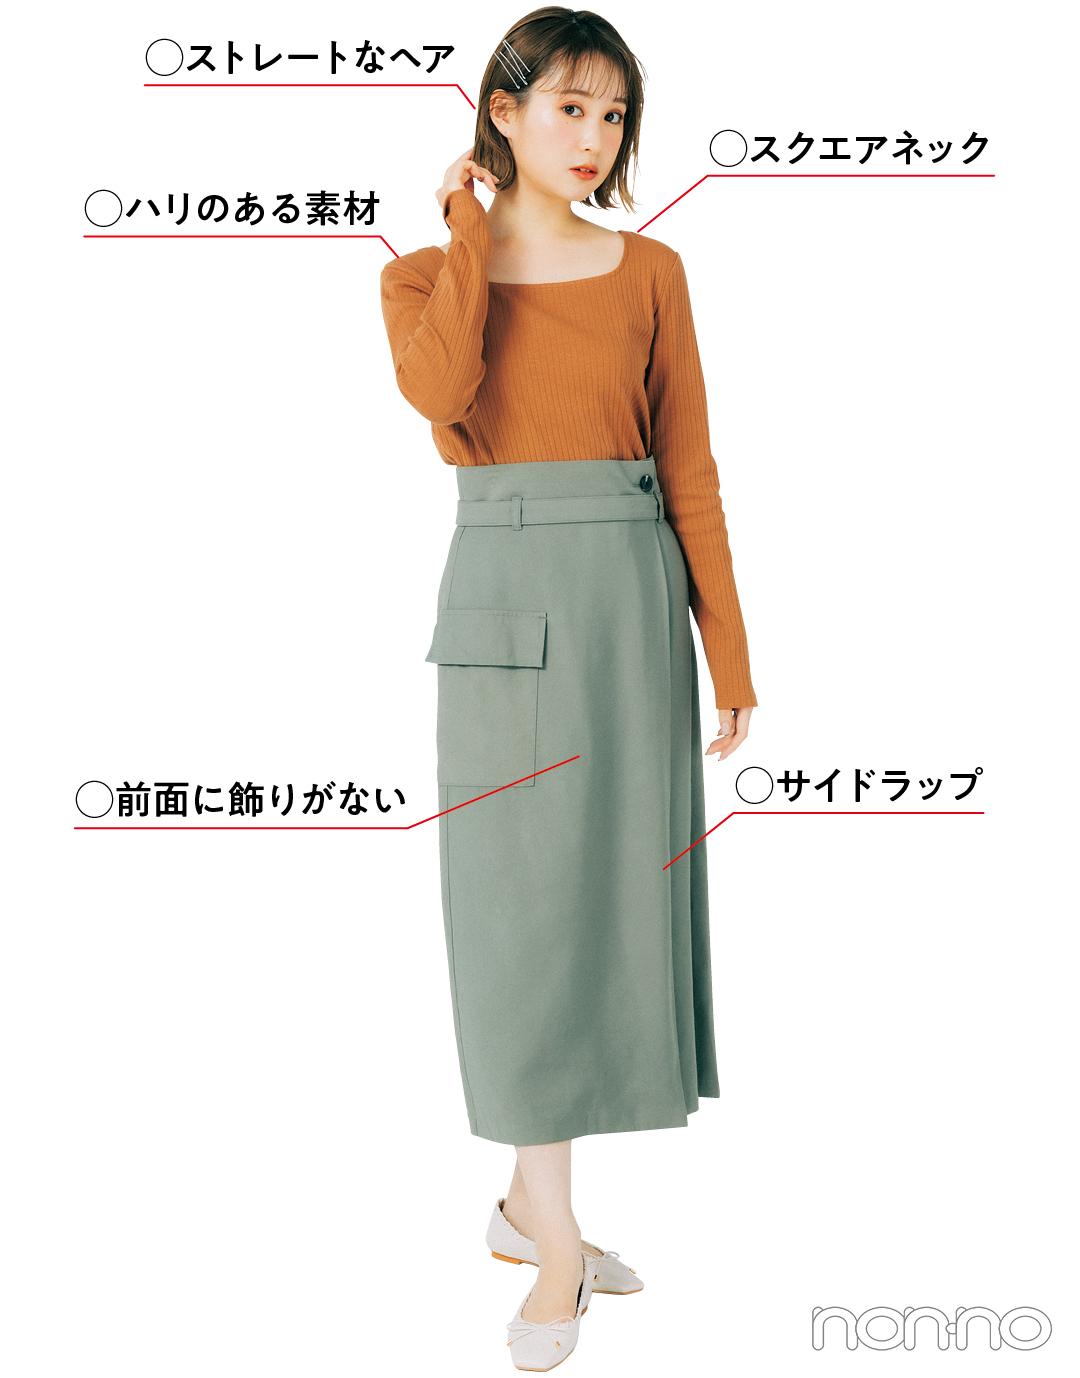 骨格 ストレート スカート